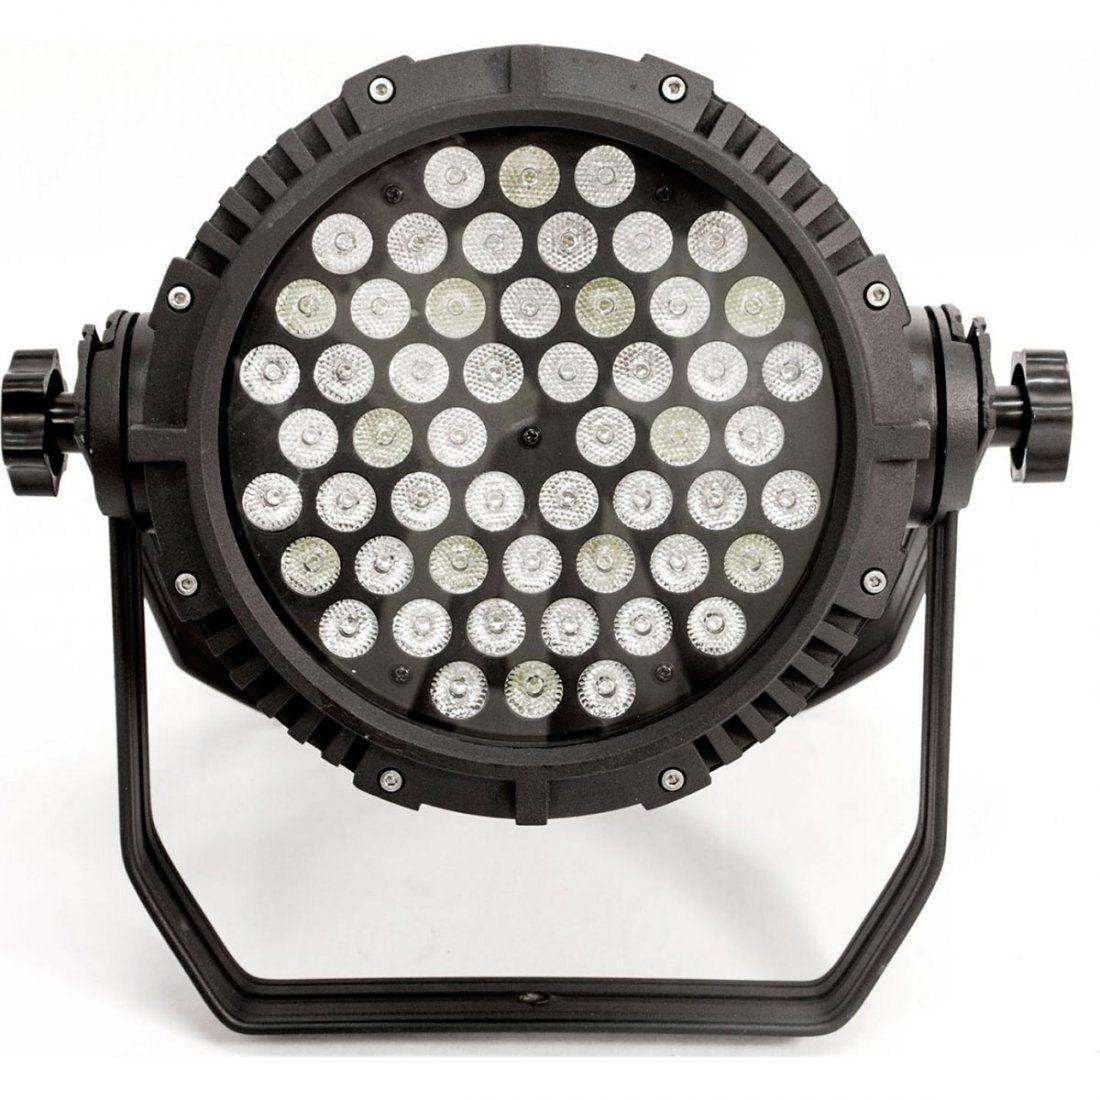 Pls 54 Canhão Refletor Outdoor Iluminação de Festas Lâmpadas de LED à Prova D'água